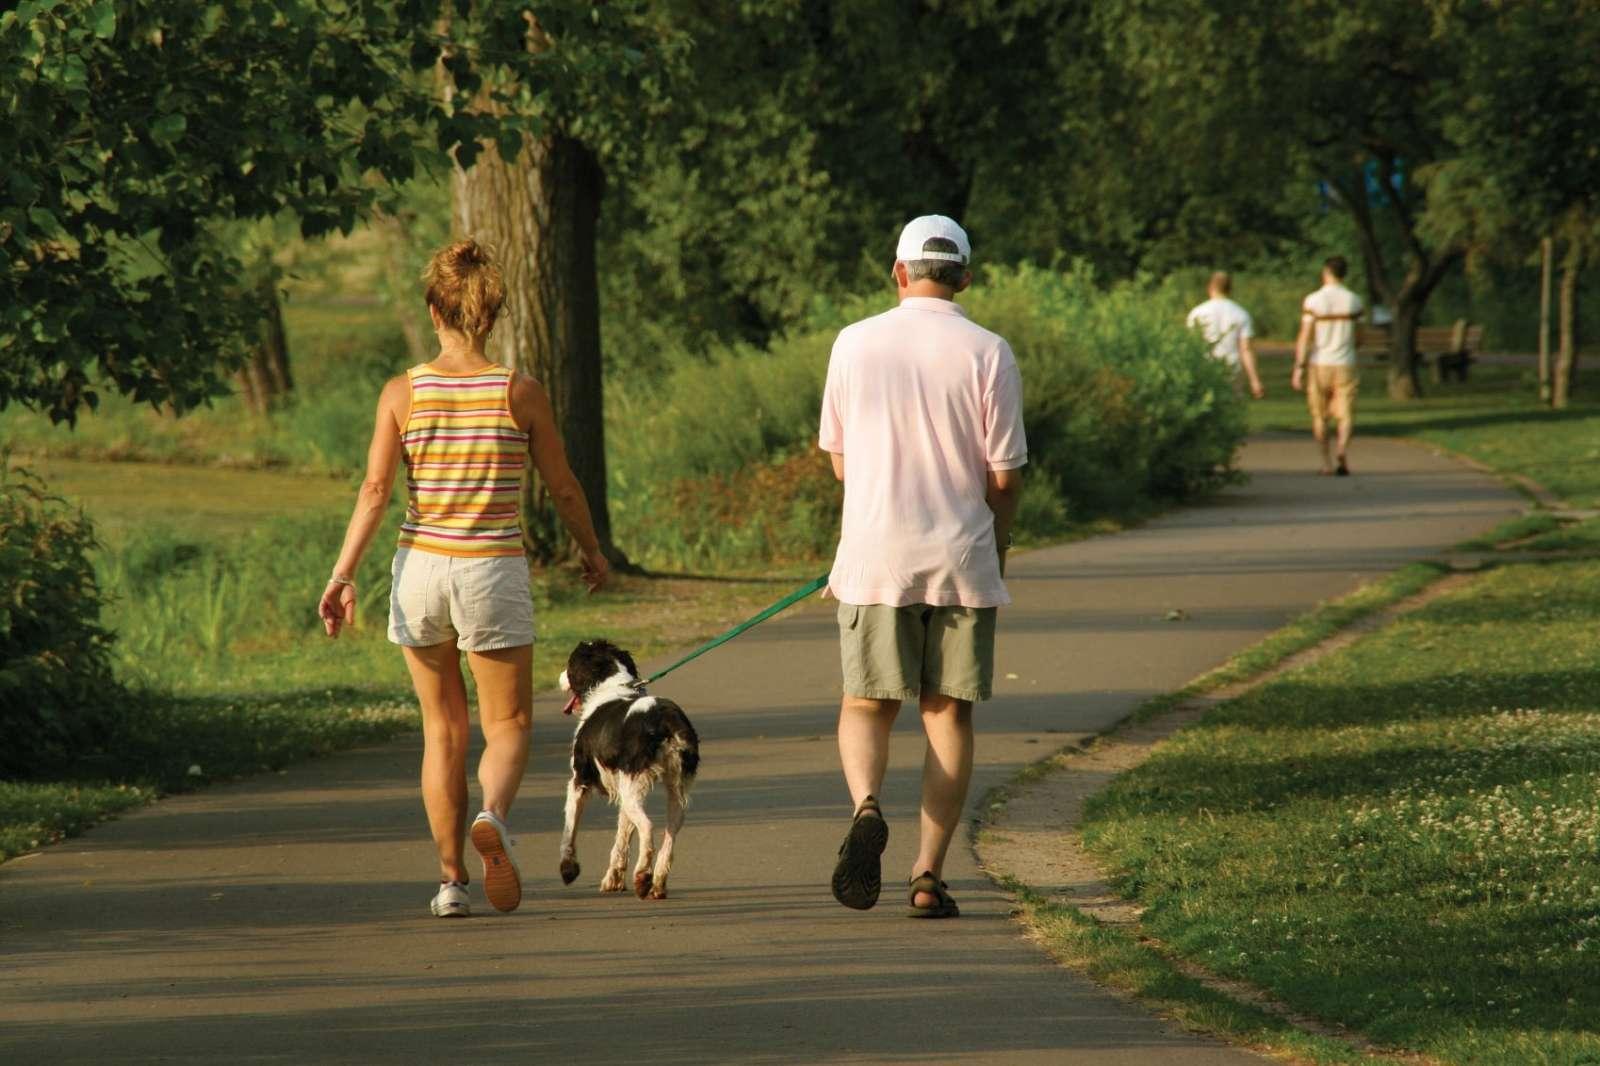 séta az egészségért, ha visszér